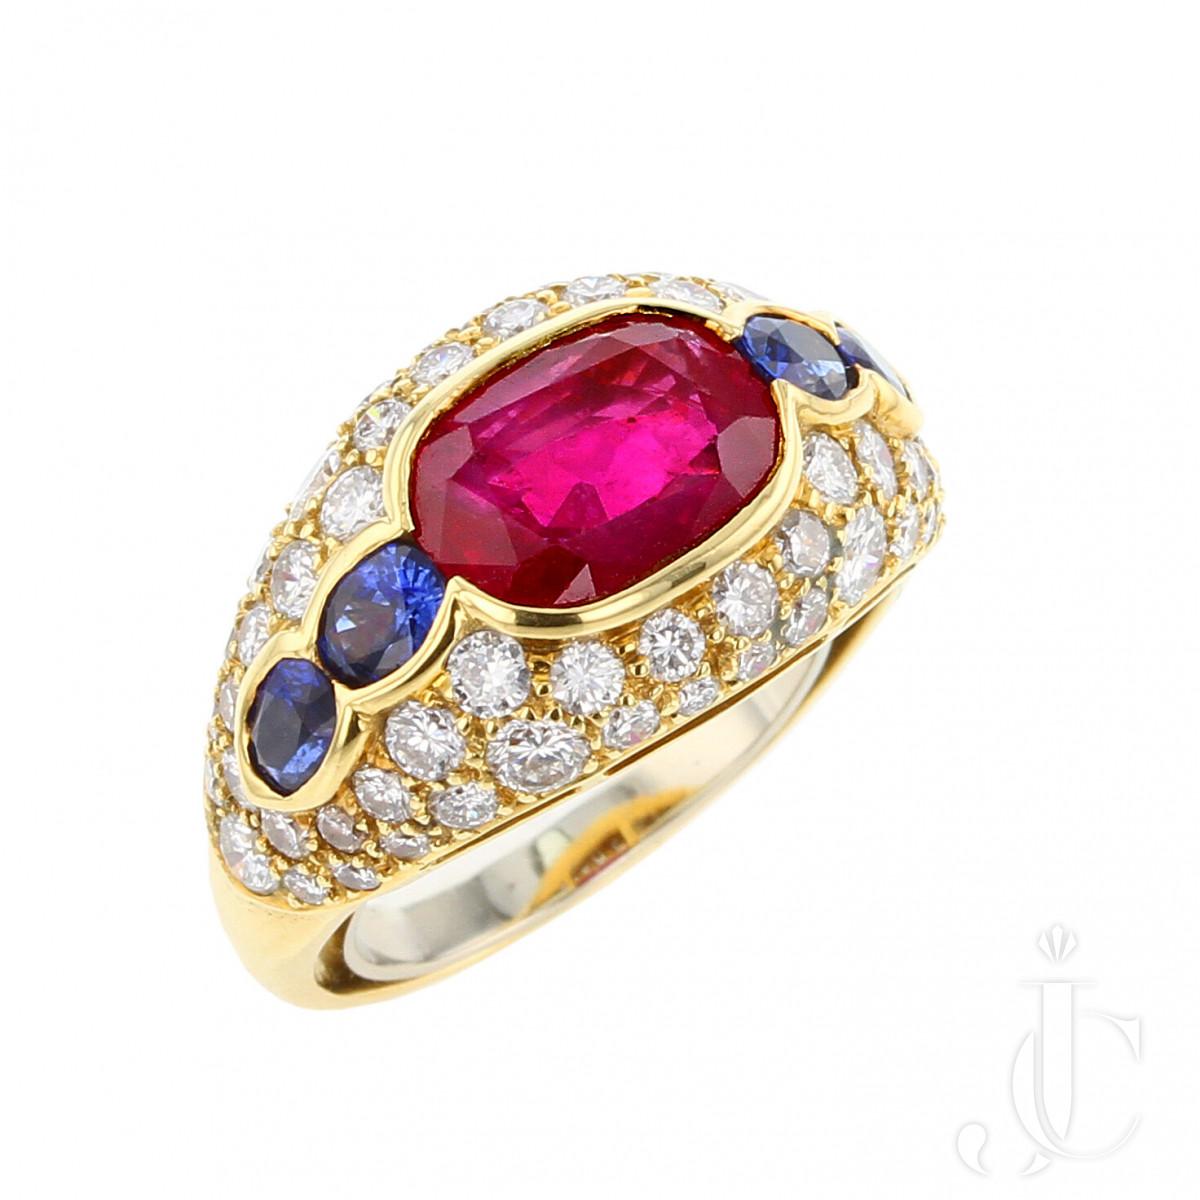 Bvlgari  3.20 carat  Burma No Heat  Ruby and Sapphire Ring